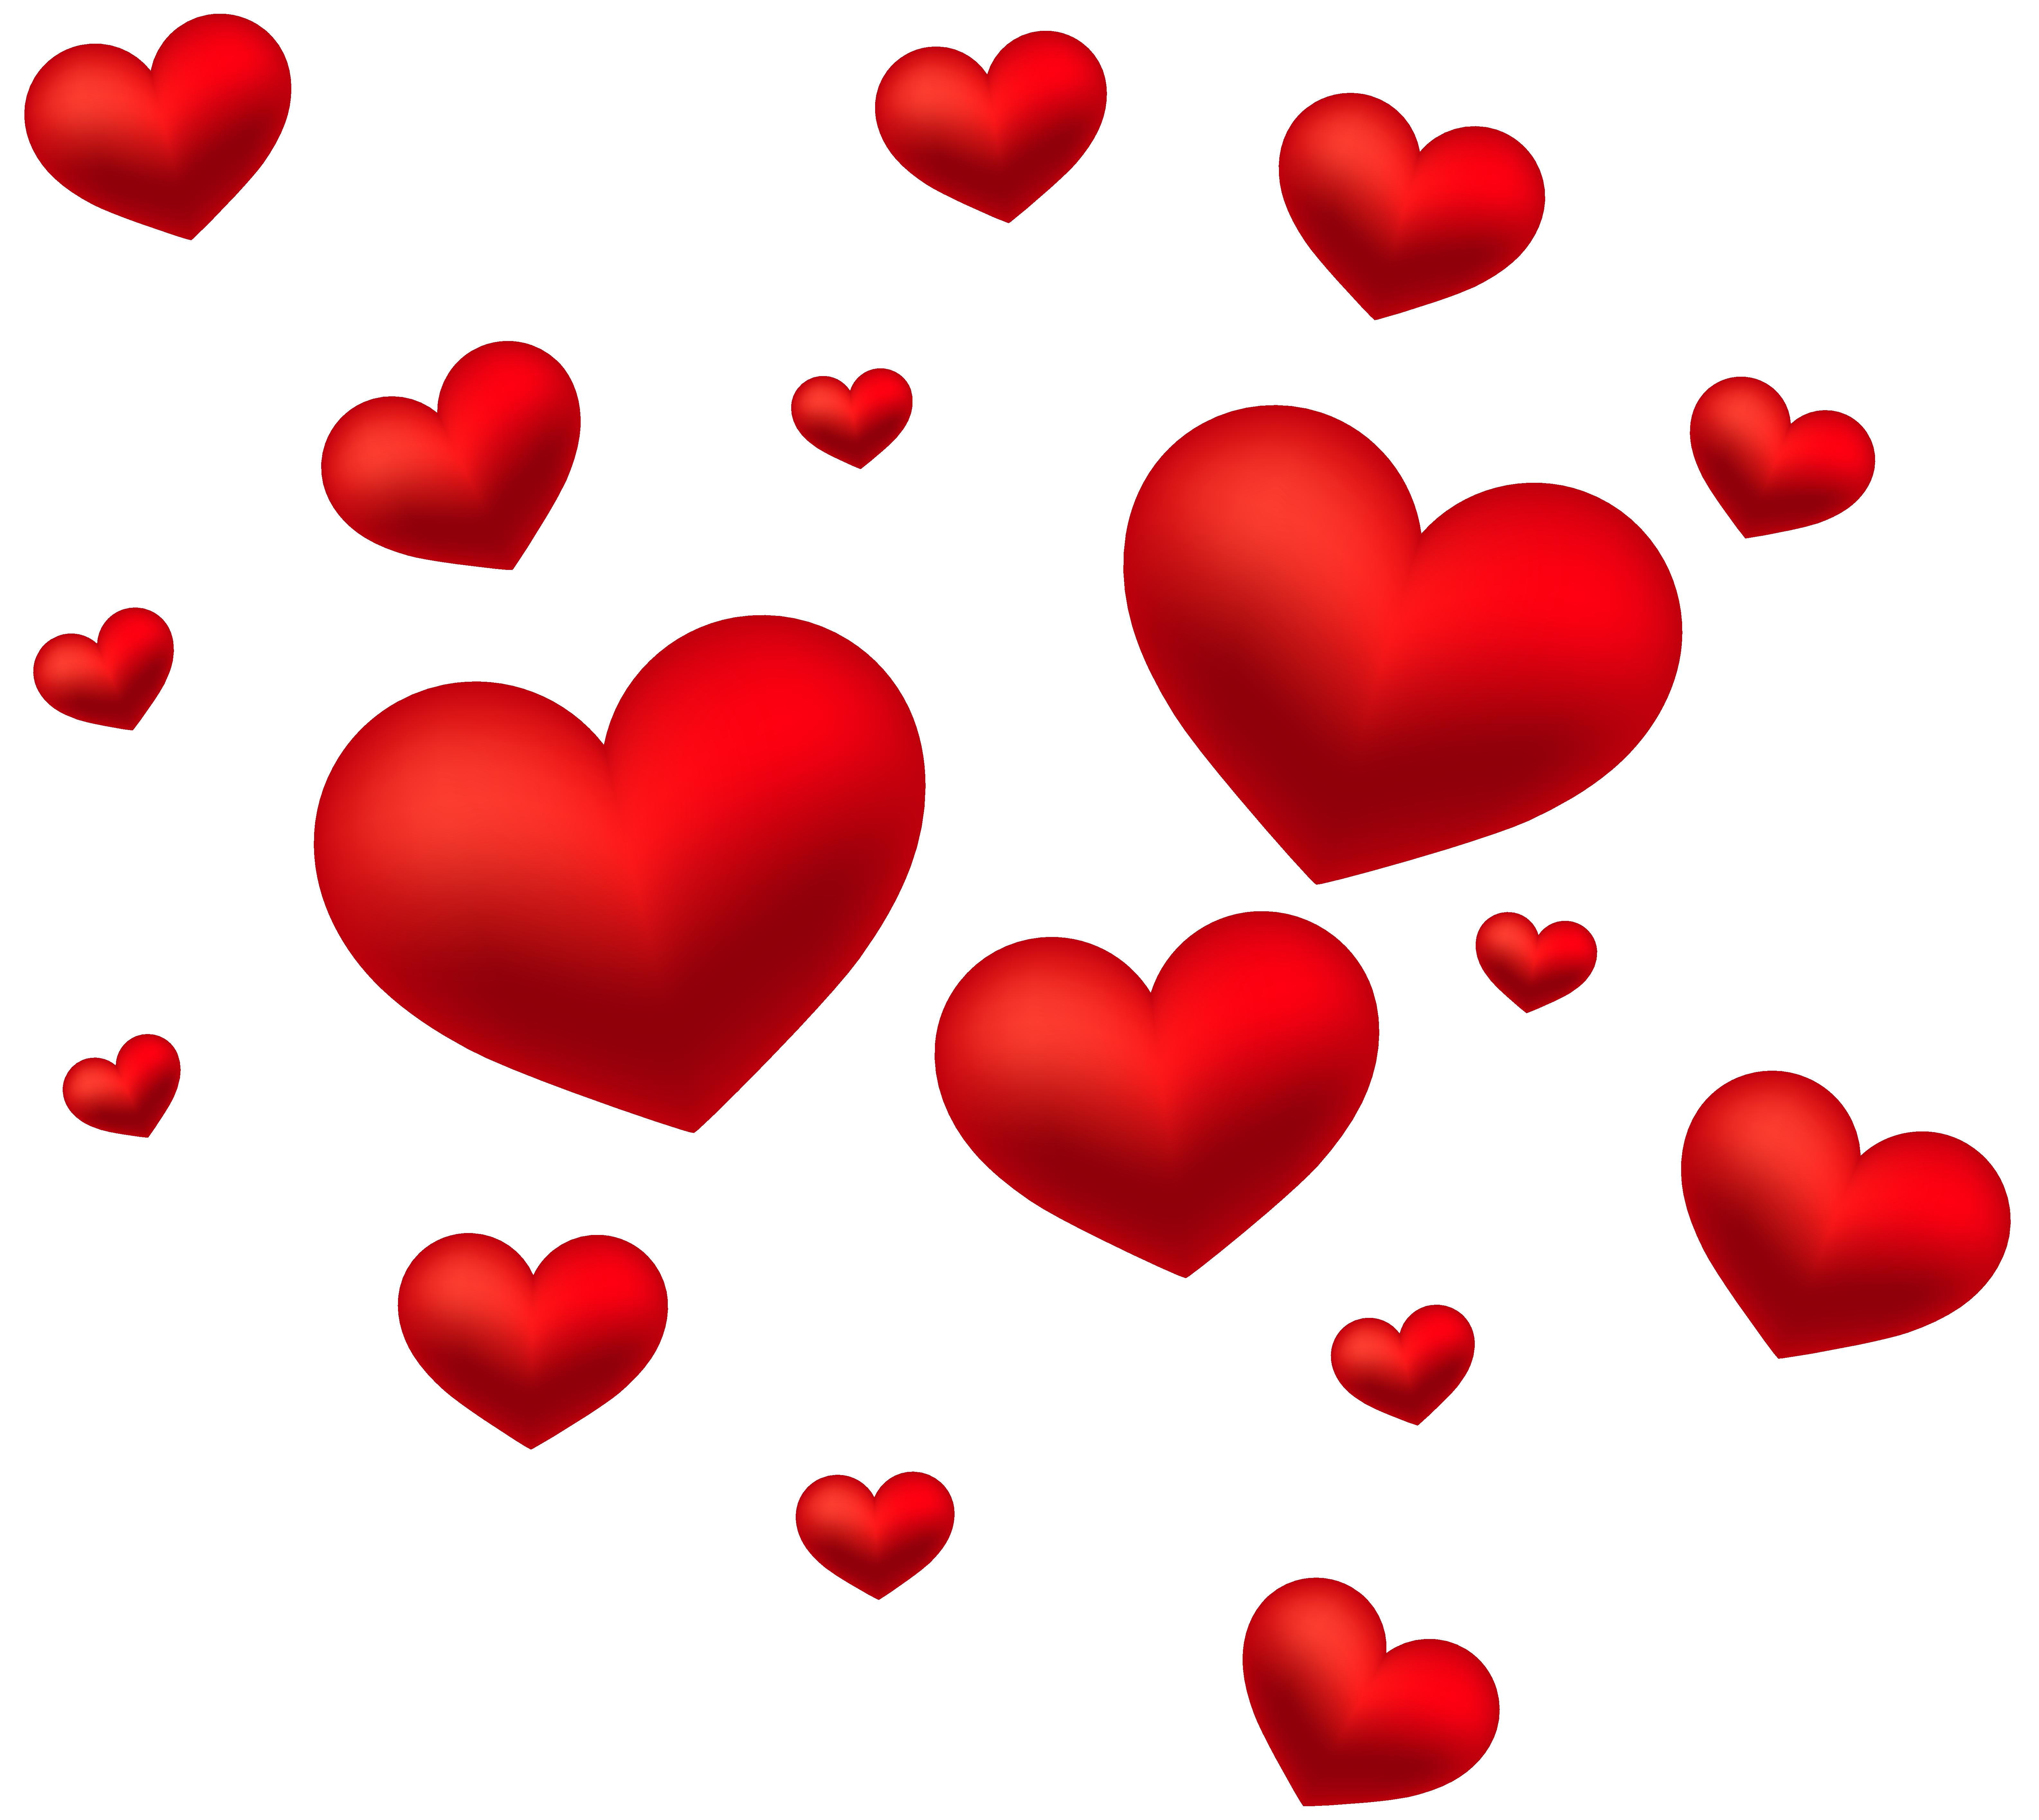 Hearts transparent png. Decoration clip art image